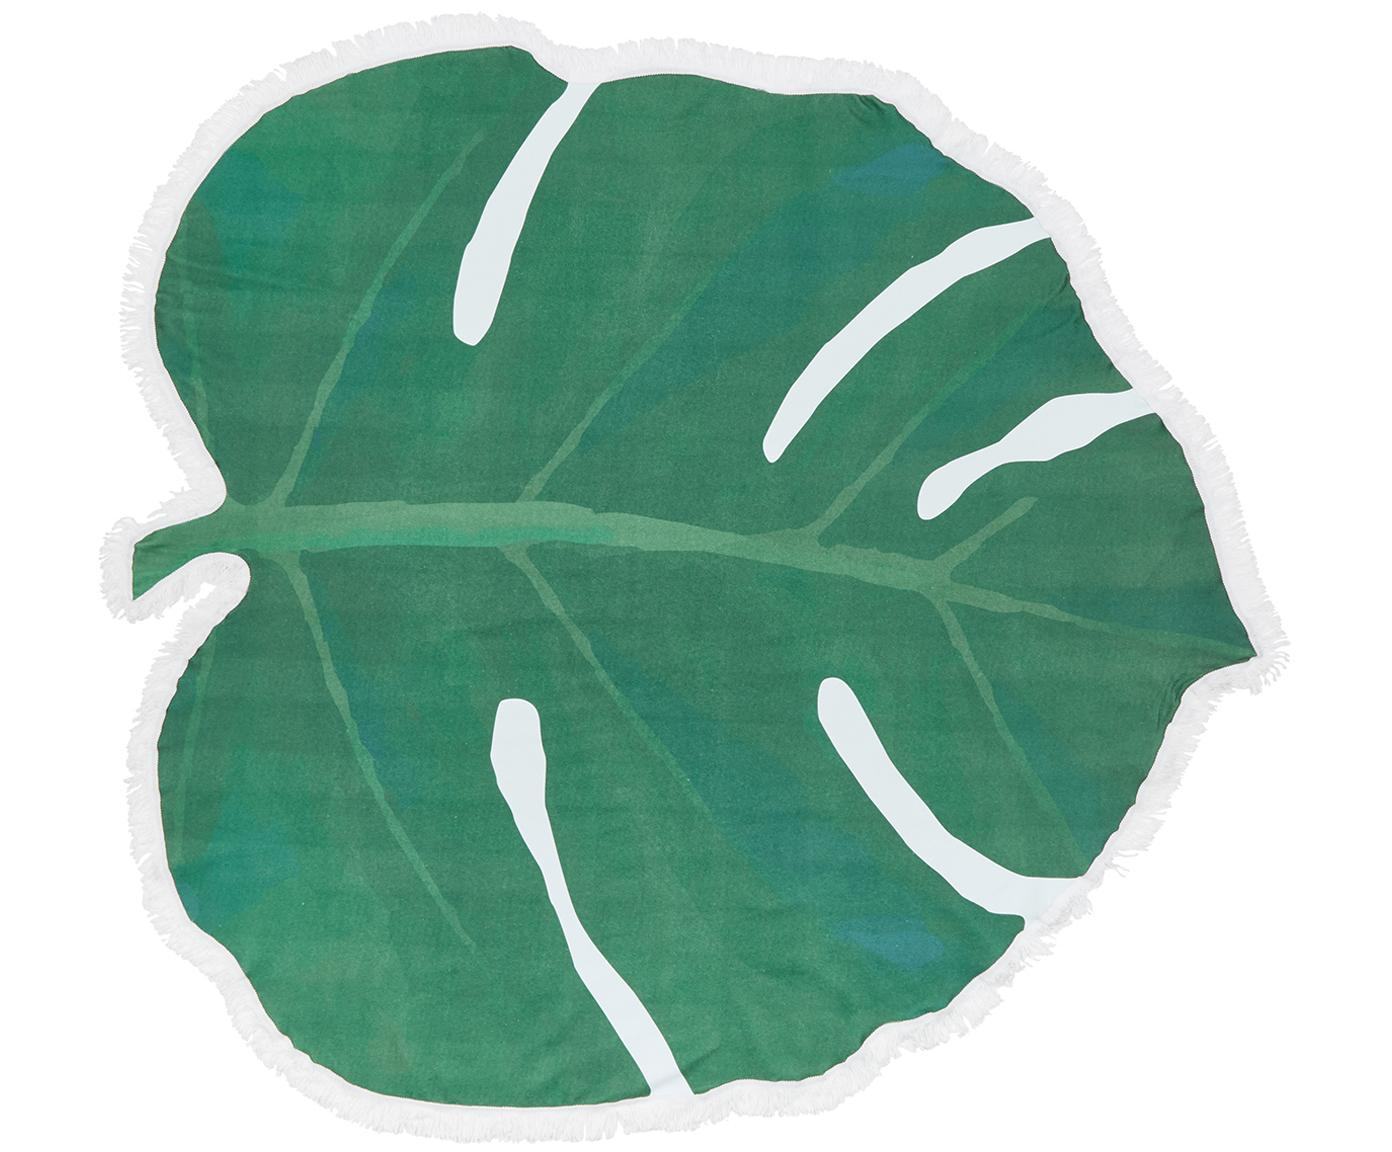 Telo mare a forma di foglia Leaves, 55% poliestere, 45% cotone Qualità molto leggera 340 g/m², Verde, bianco, Larg. 139 x Lung. 150 cm